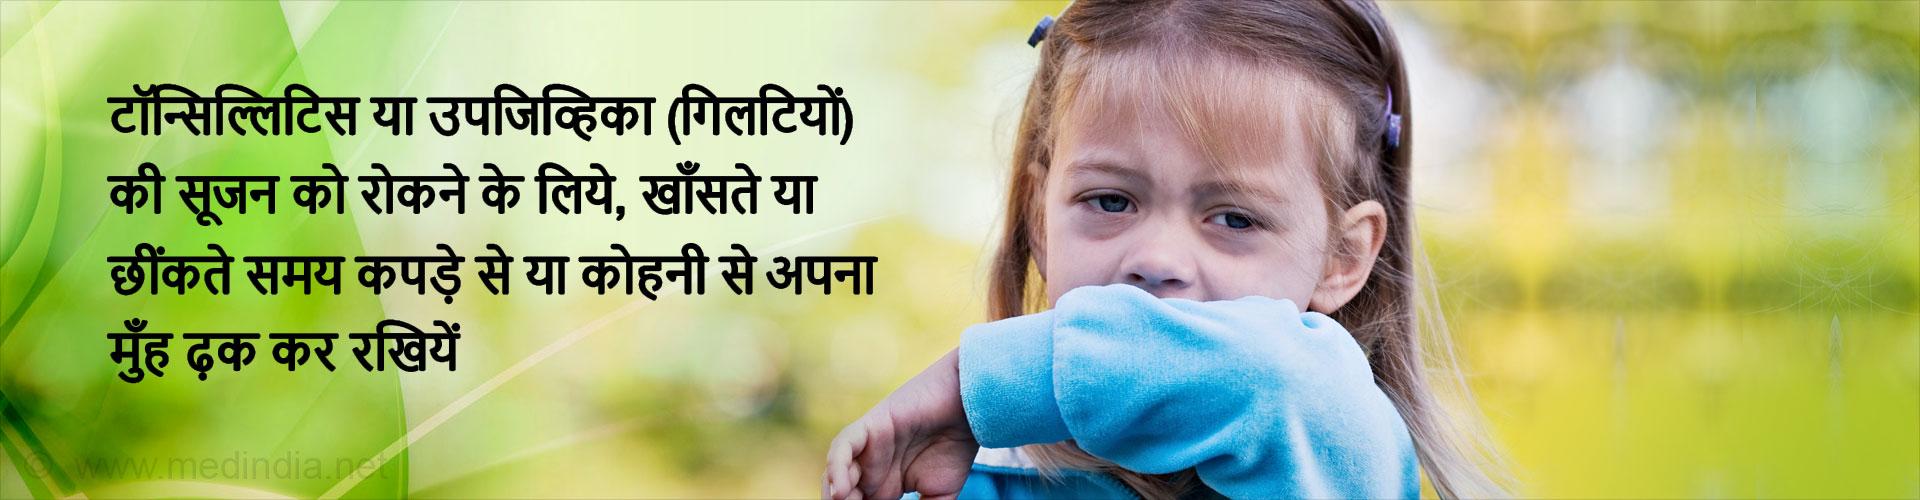 टॉन्सिल्लिटिस या उपजिव्हिका (गिलटियों) की सूजन को रोकने के लिये, खाँसते या छींकते समय कपड़े से या कोहनी से अपना मुँह ढ़क कर रखियें।